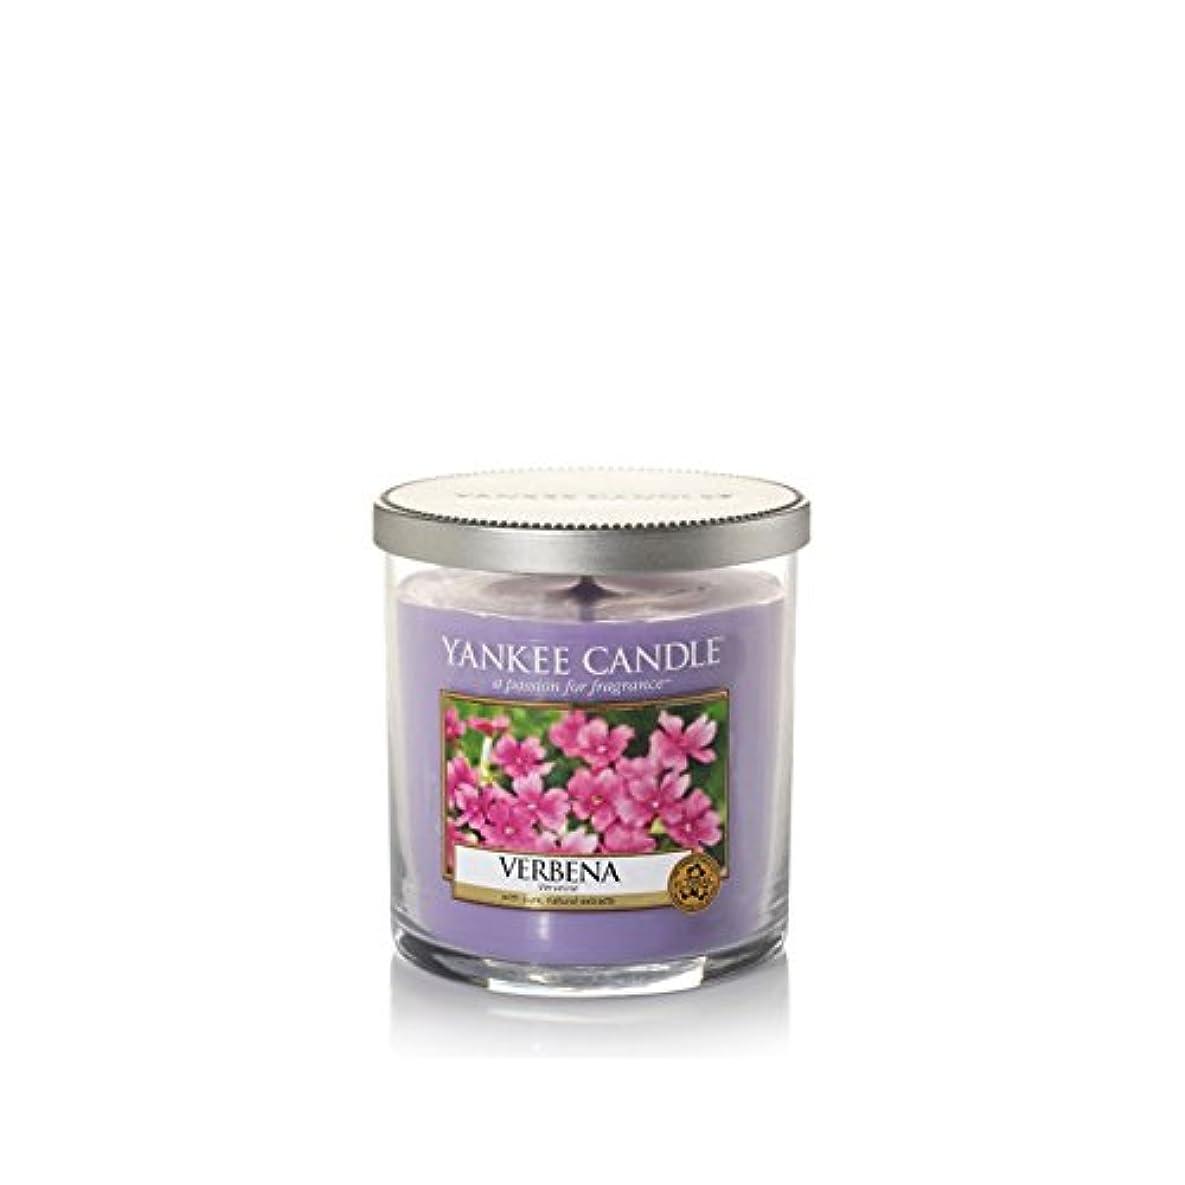 暴行ポンプジョージエリオットYankee Candles Small Pillar Candle - Verbena (Pack of 2) - ヤンキーキャンドルの小さな柱キャンドル - バーベナ (x2) [並行輸入品]